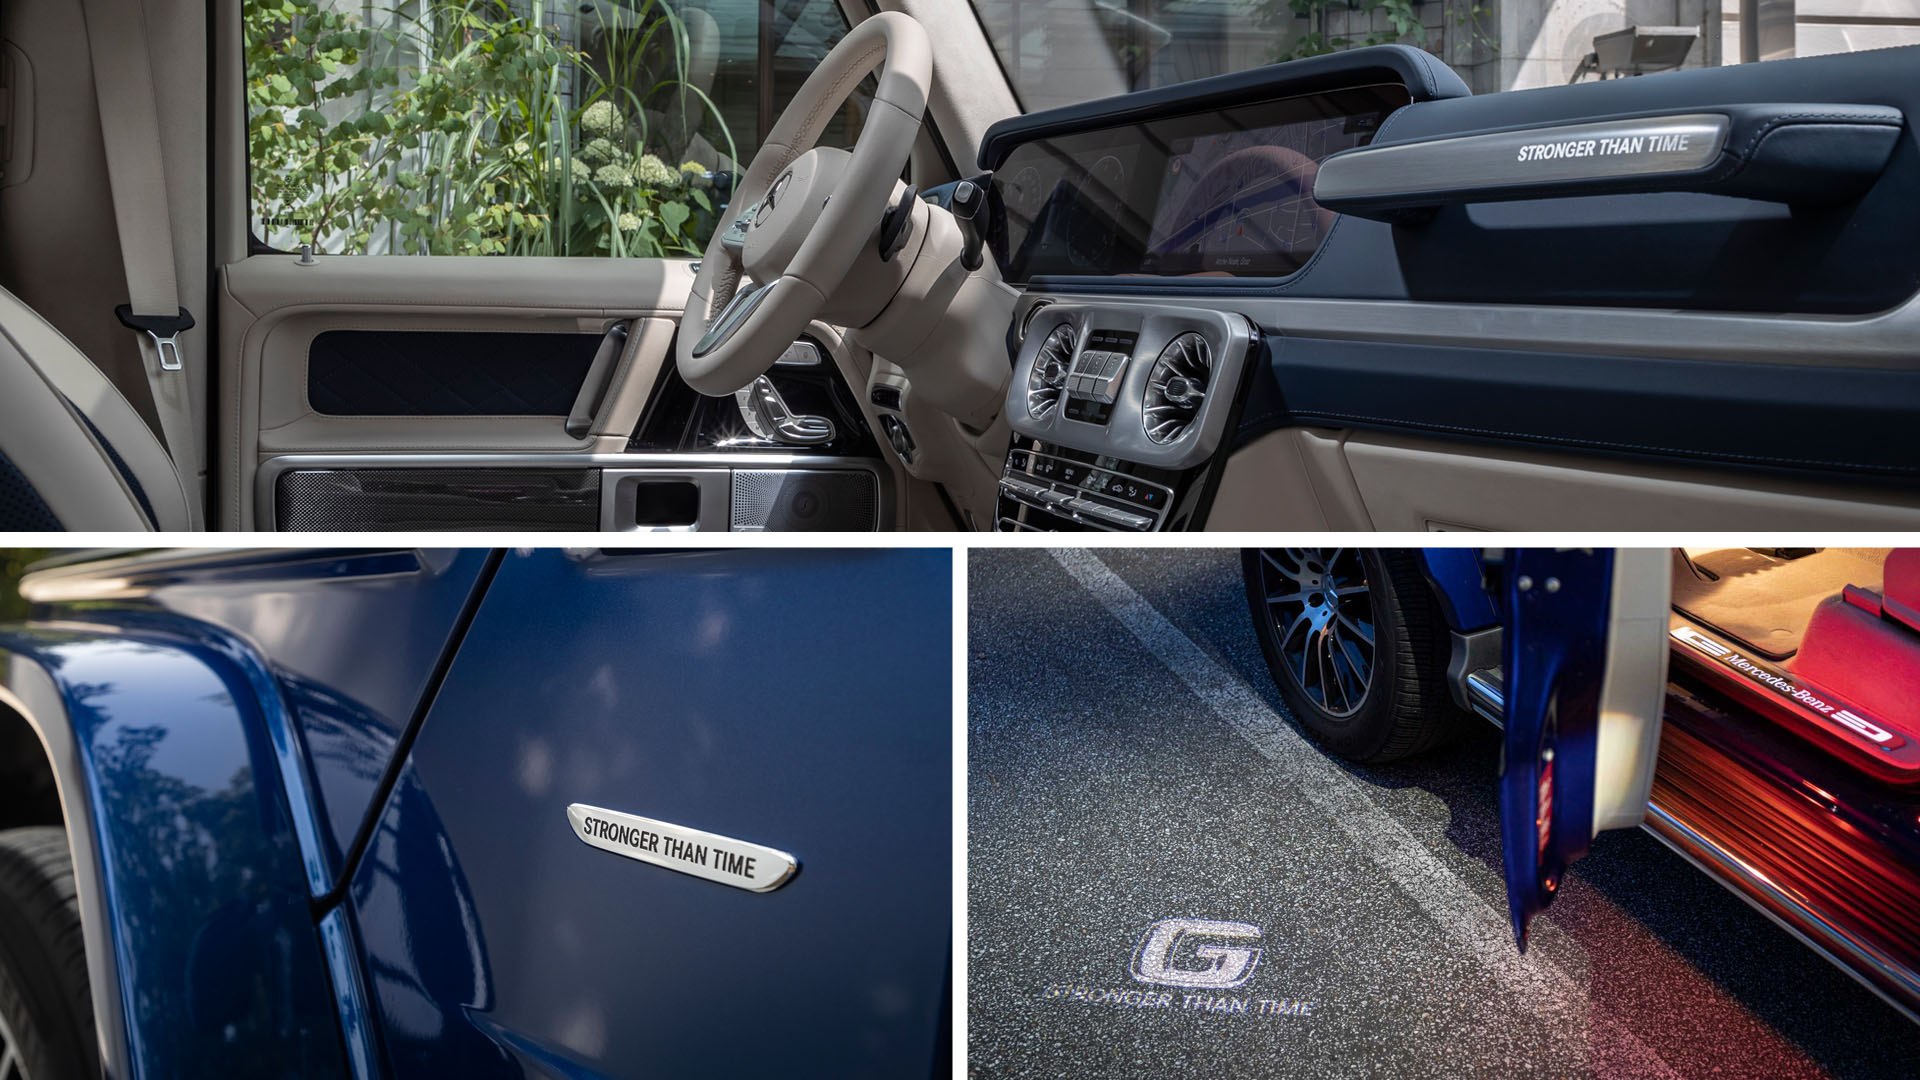 Mercedes-Benz G-class Gelandewagen Stronger Than Time